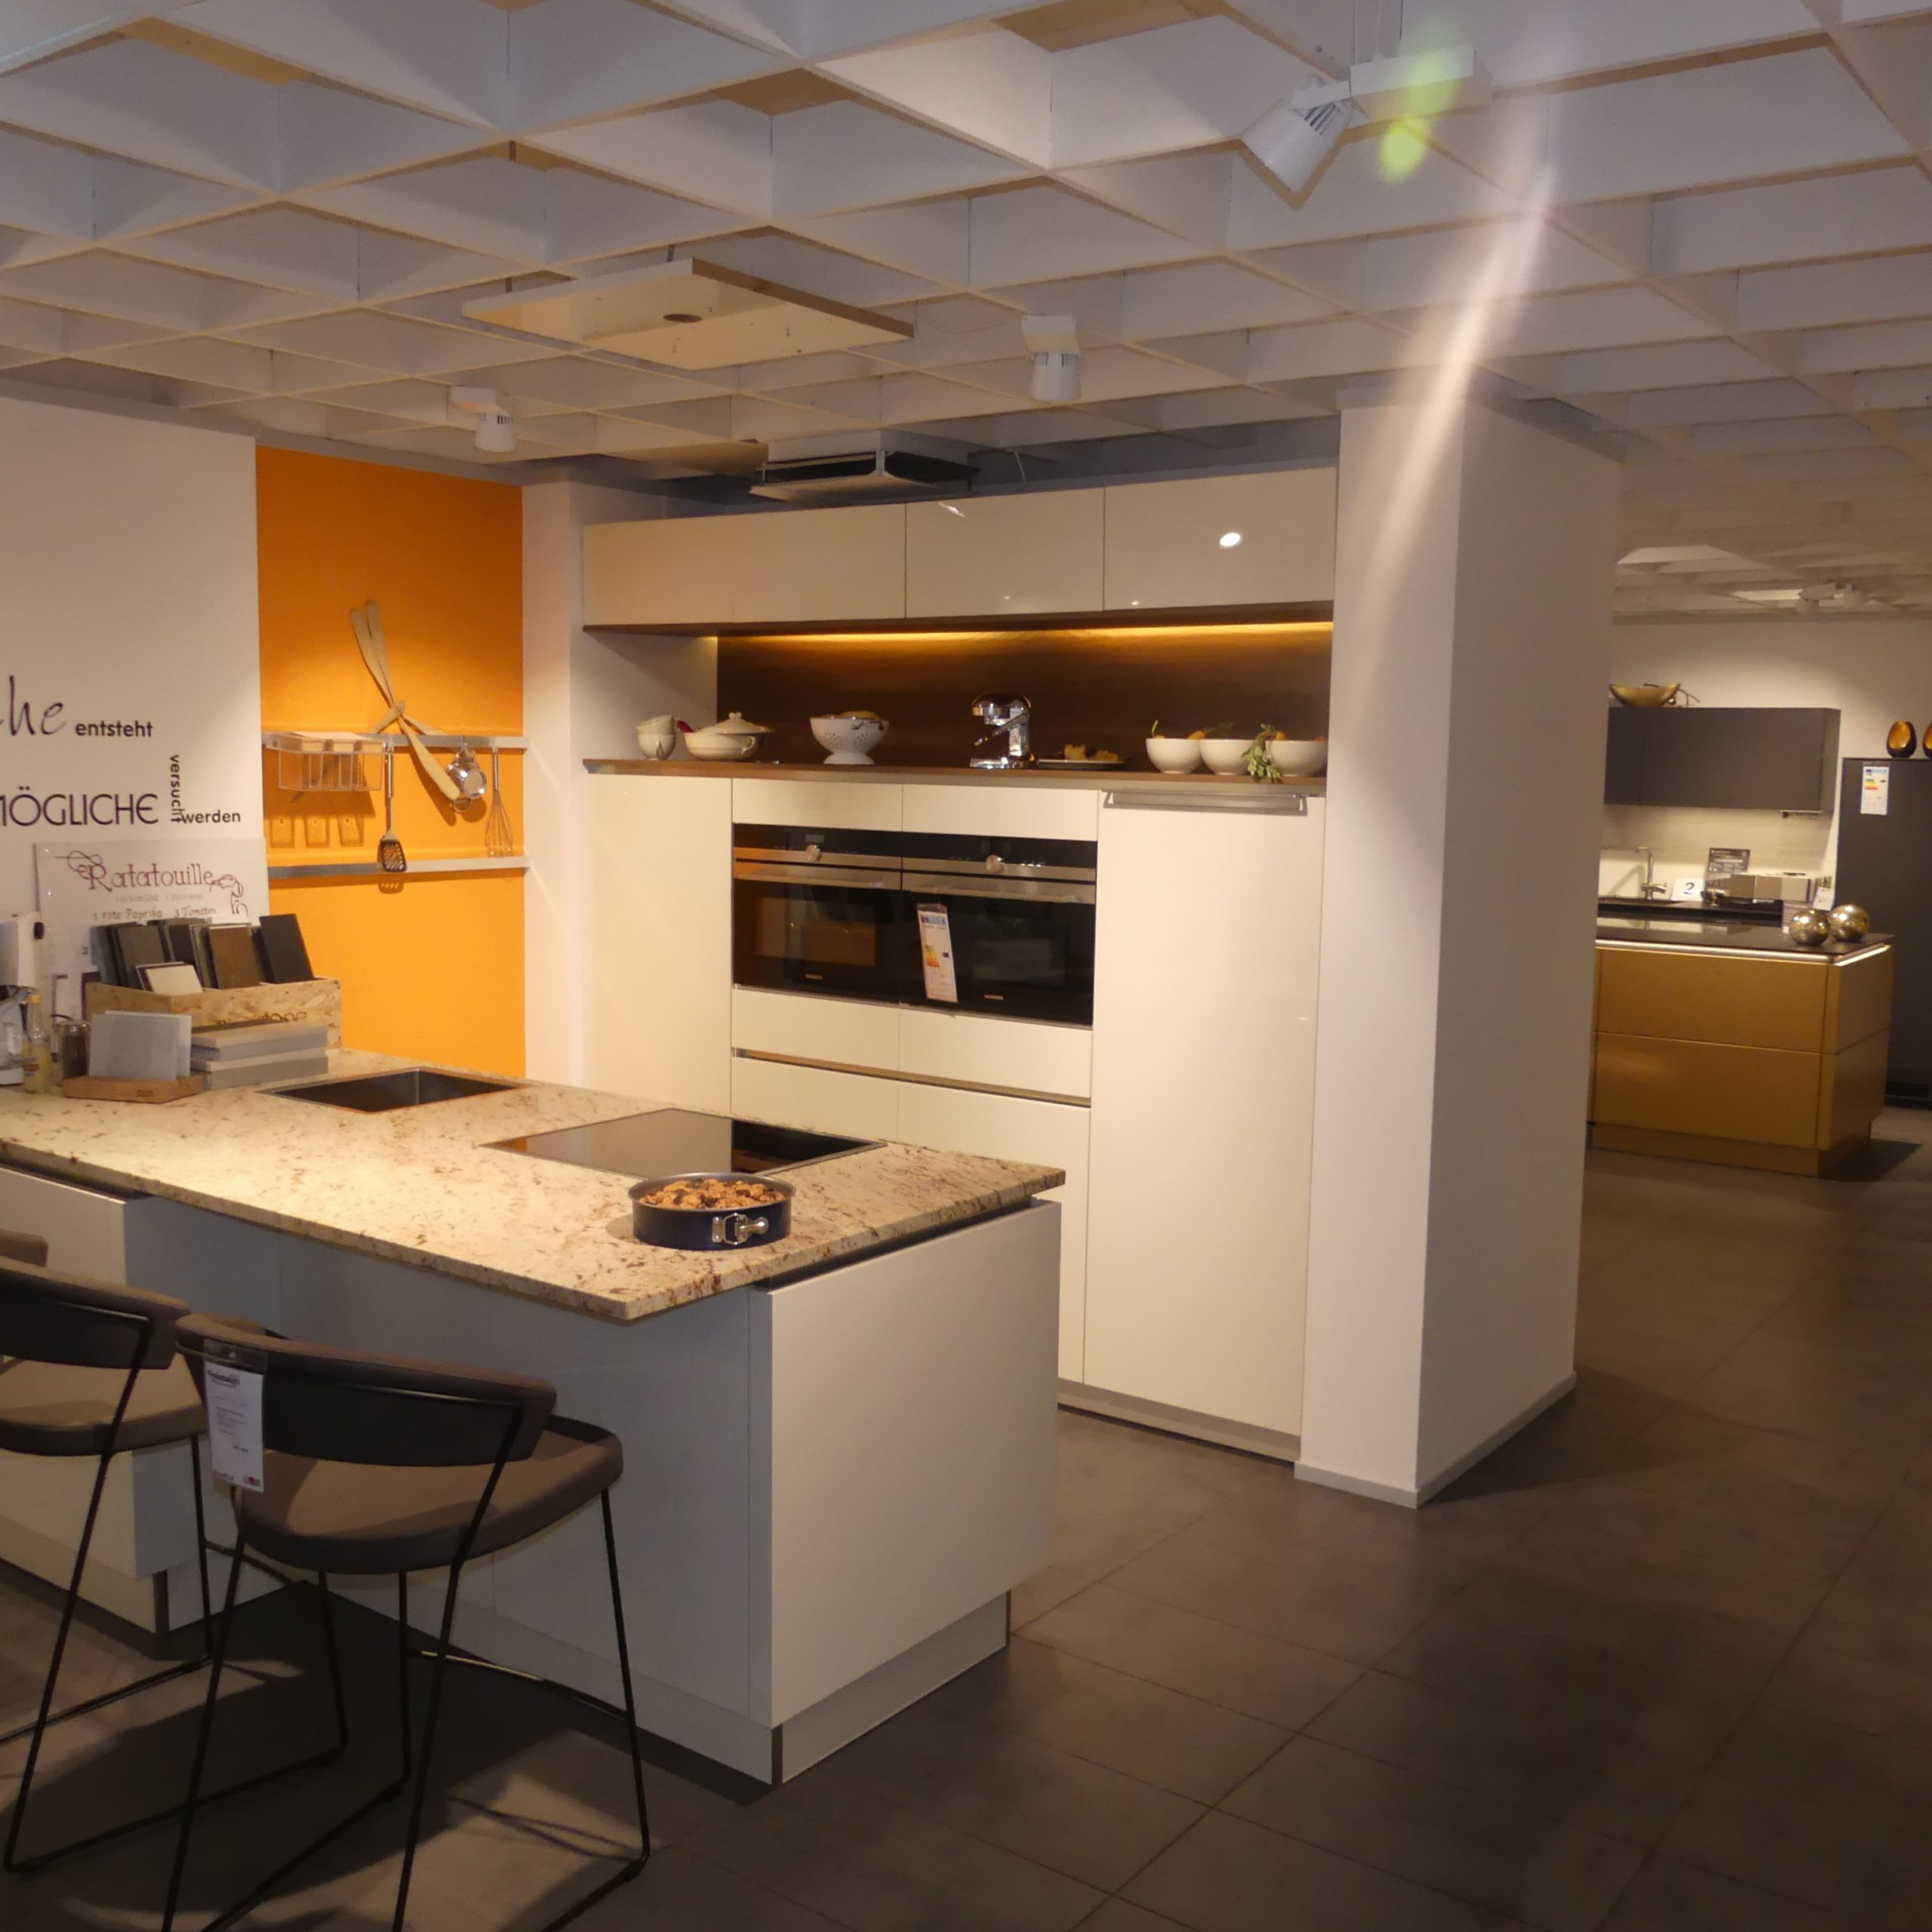 Full Size of Siematic Musterkche Abverkauf Hcker Next125 Bulthaup Kche Musterküche Wohnzimmer Bulthaup Musterküche